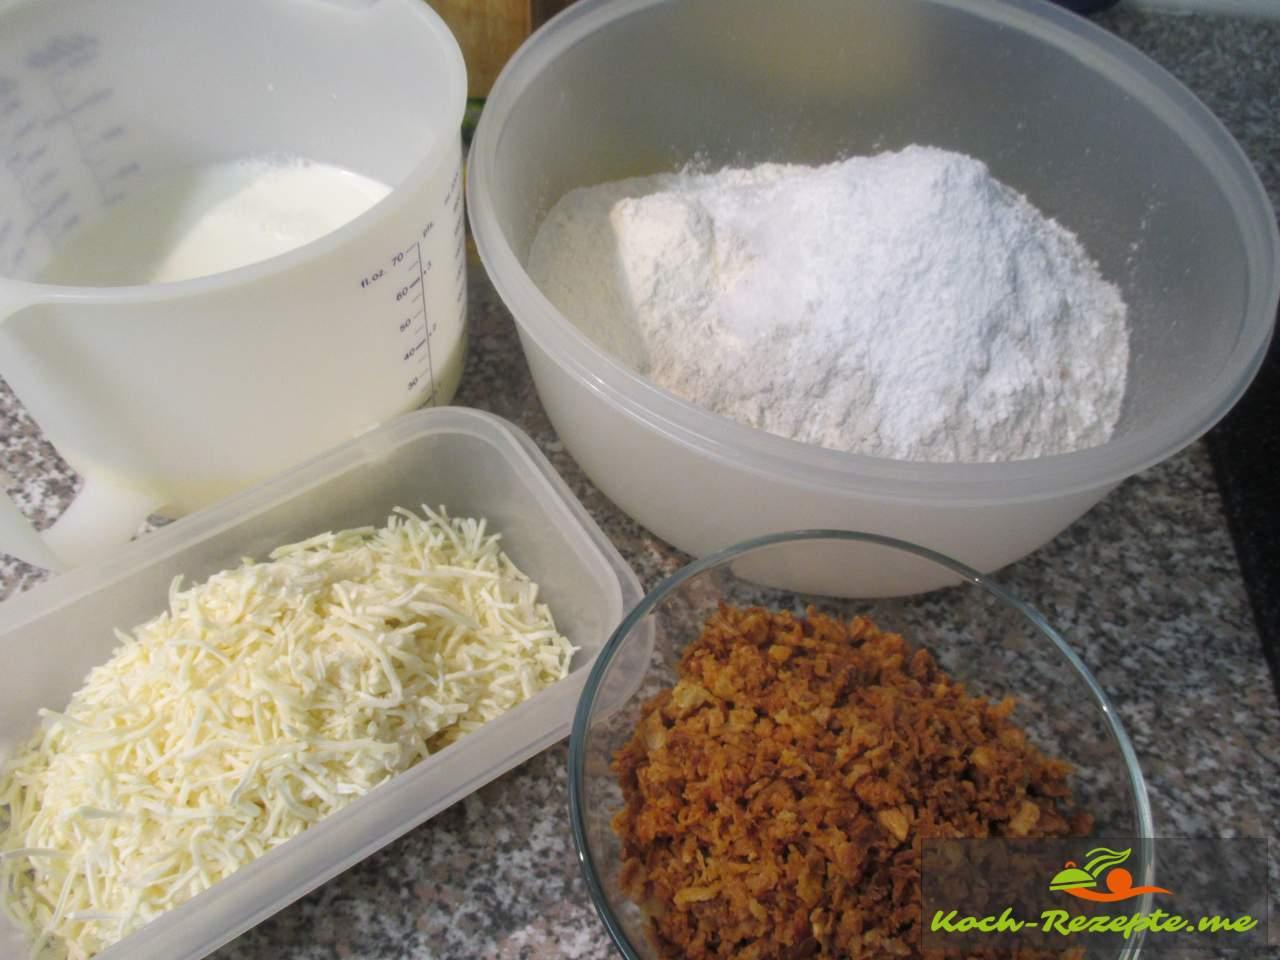 Alle Zutaten: Käsebrot und Zwiebelbrot